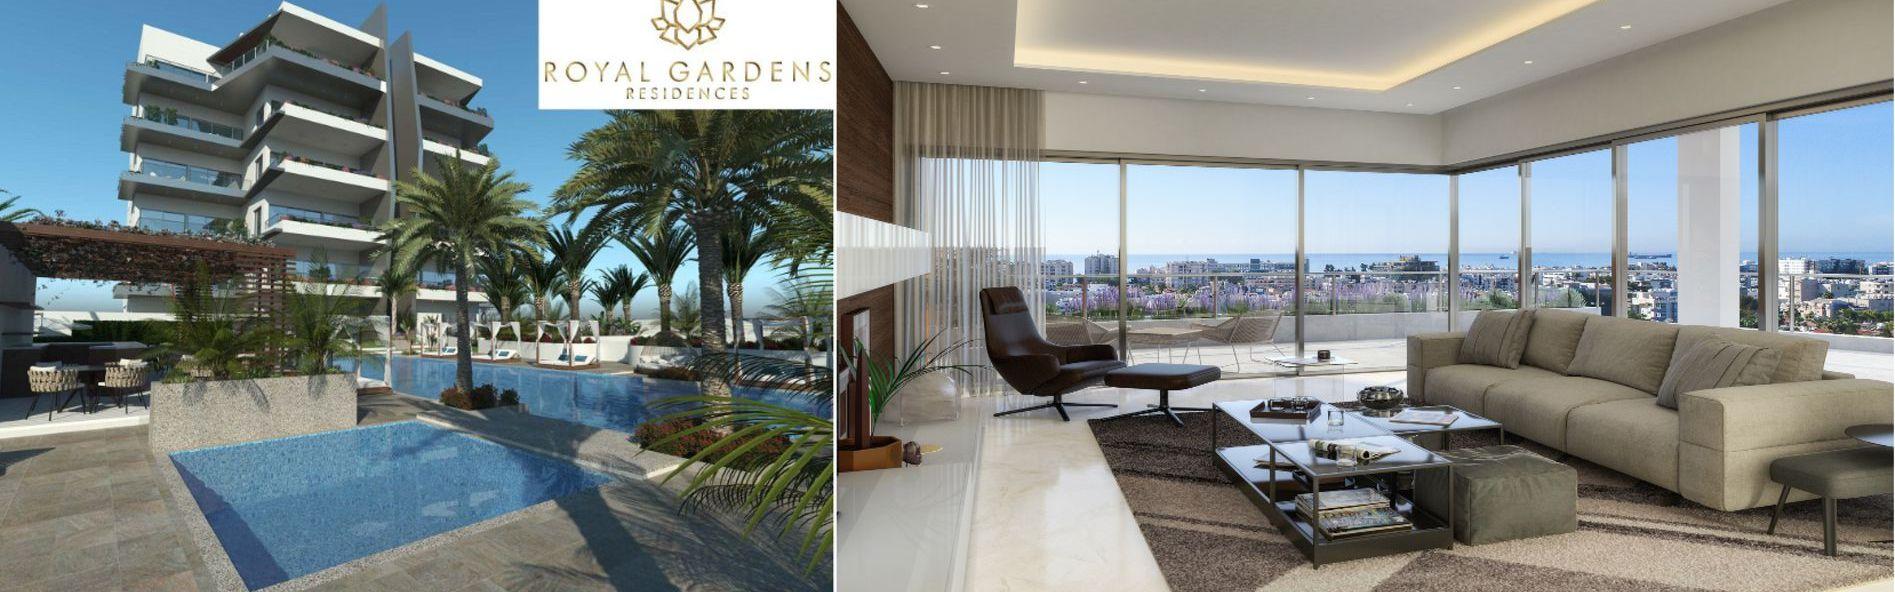 residential-apartment-germasoyeia-tourist-area-limassol